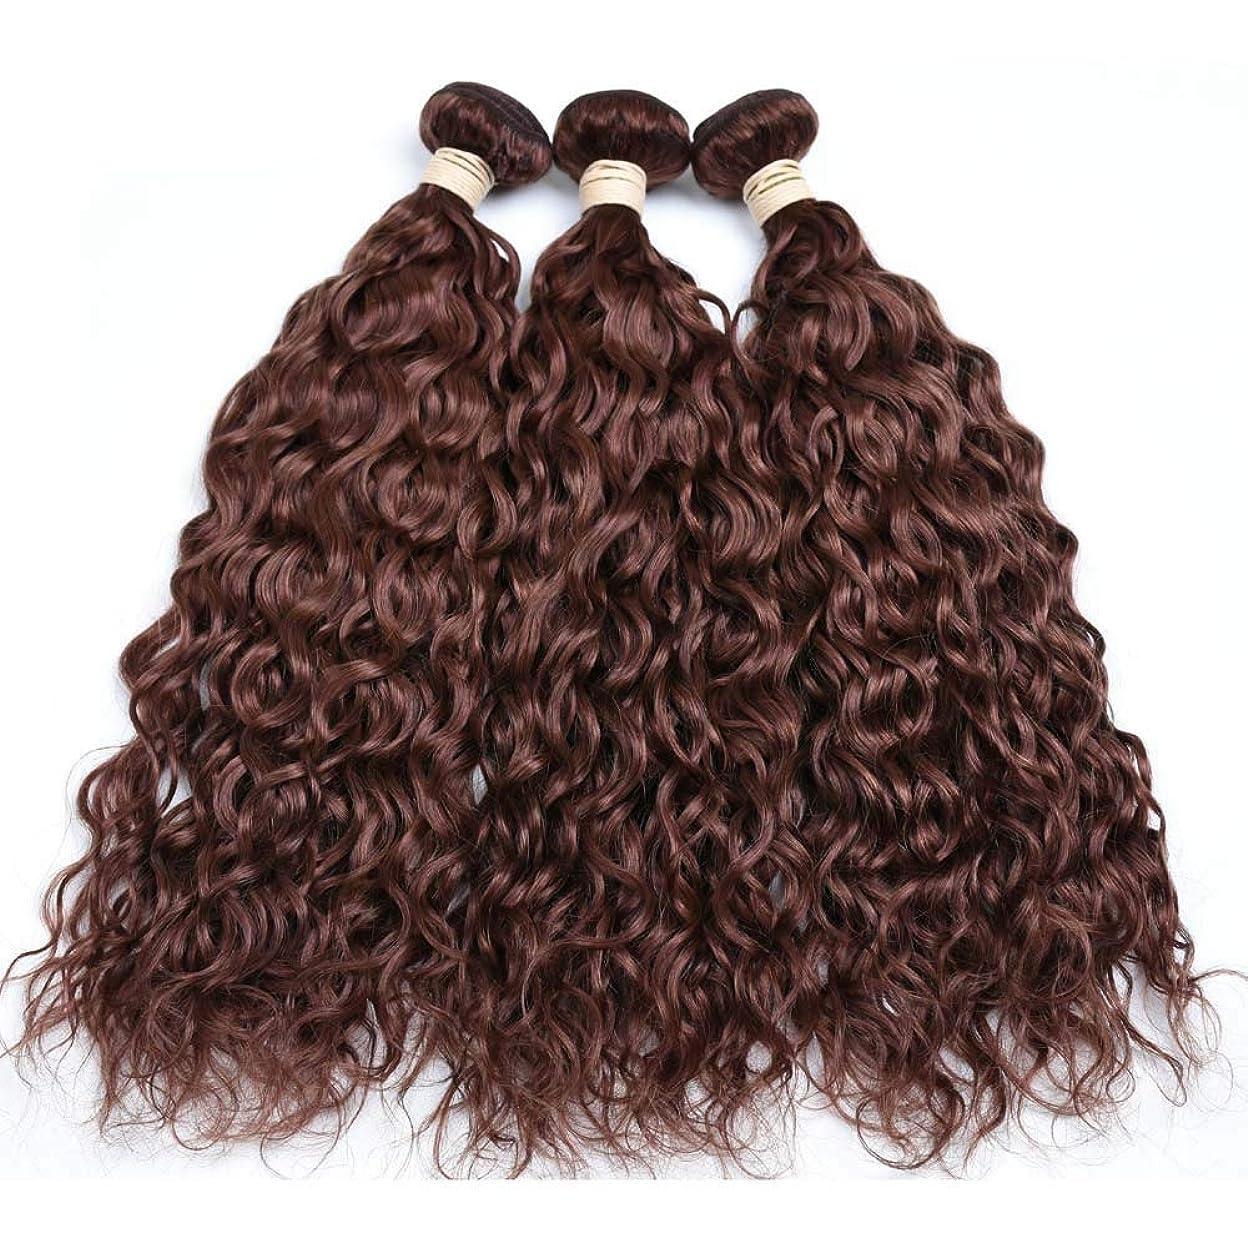 シェルター無人切り下げBOBIDYEE ブラジルの髪の束ブラジルの水の波100%未処理の本物の人間の髪の毛#33ブラウン色(8